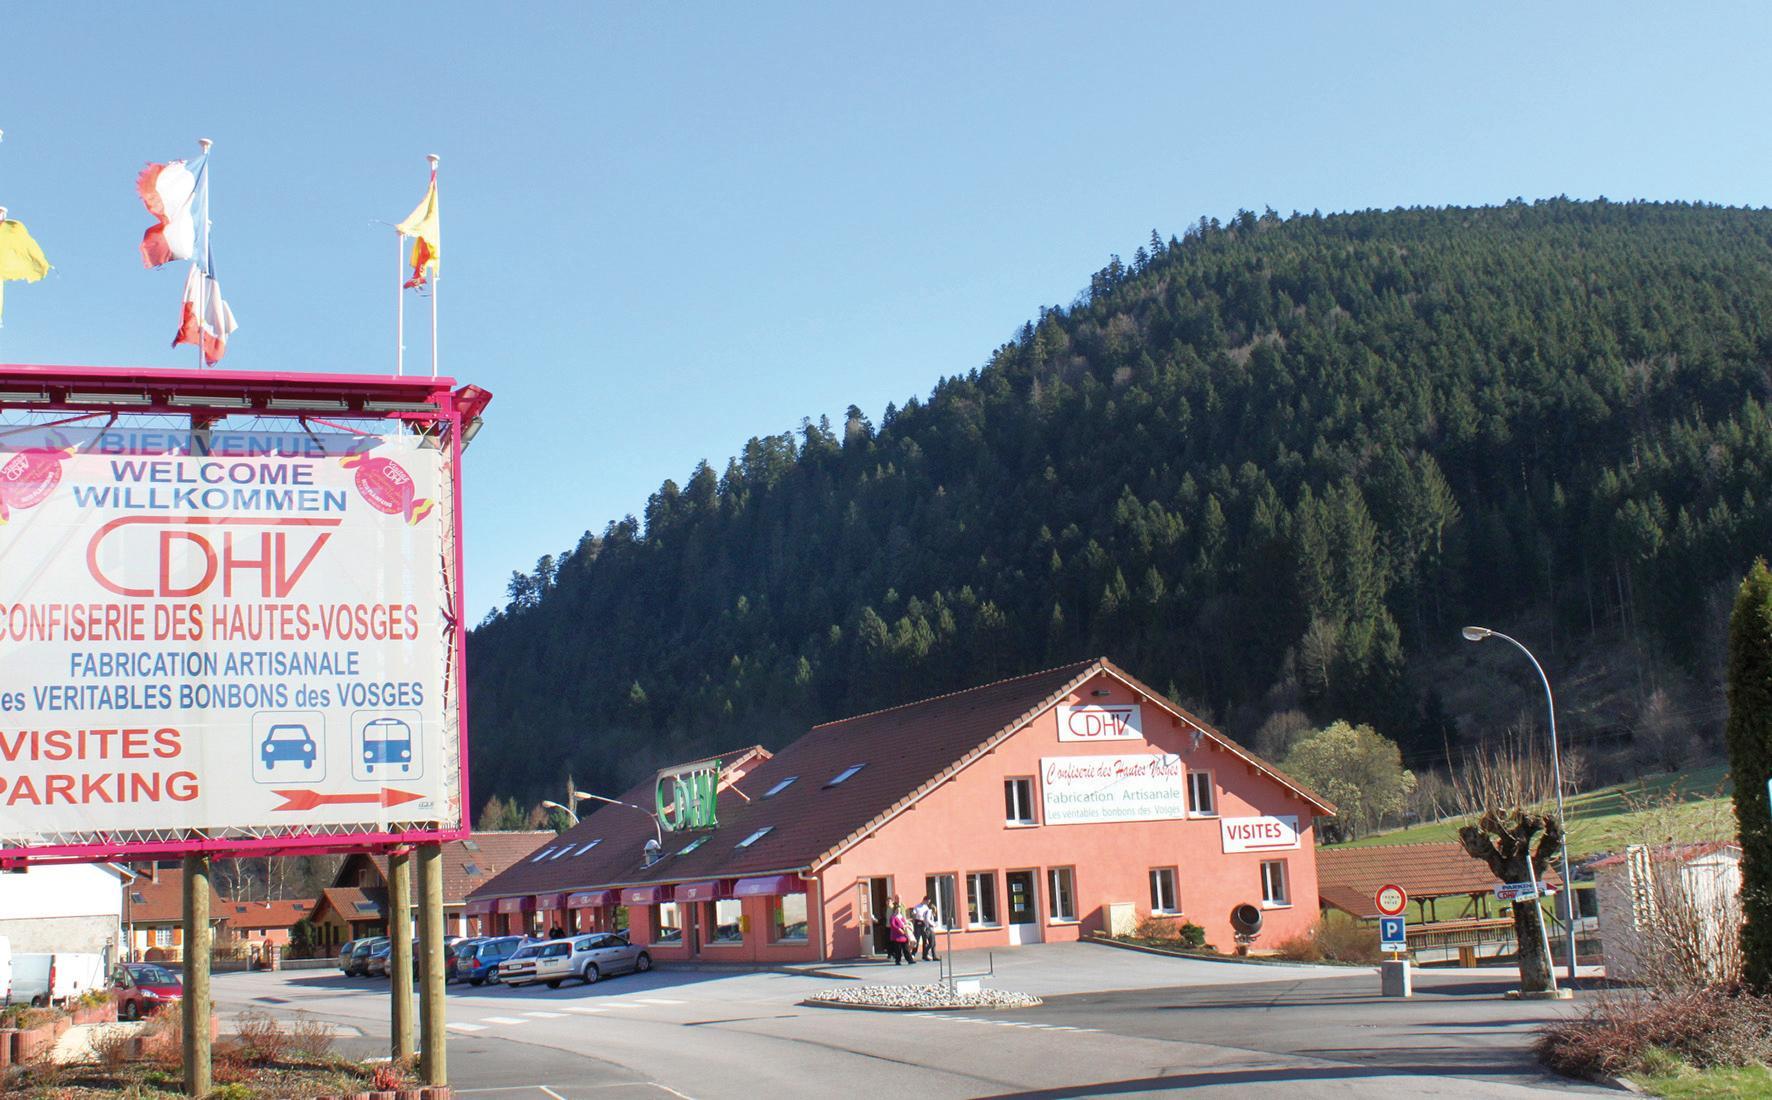 Confiserie des Hautes Vosges